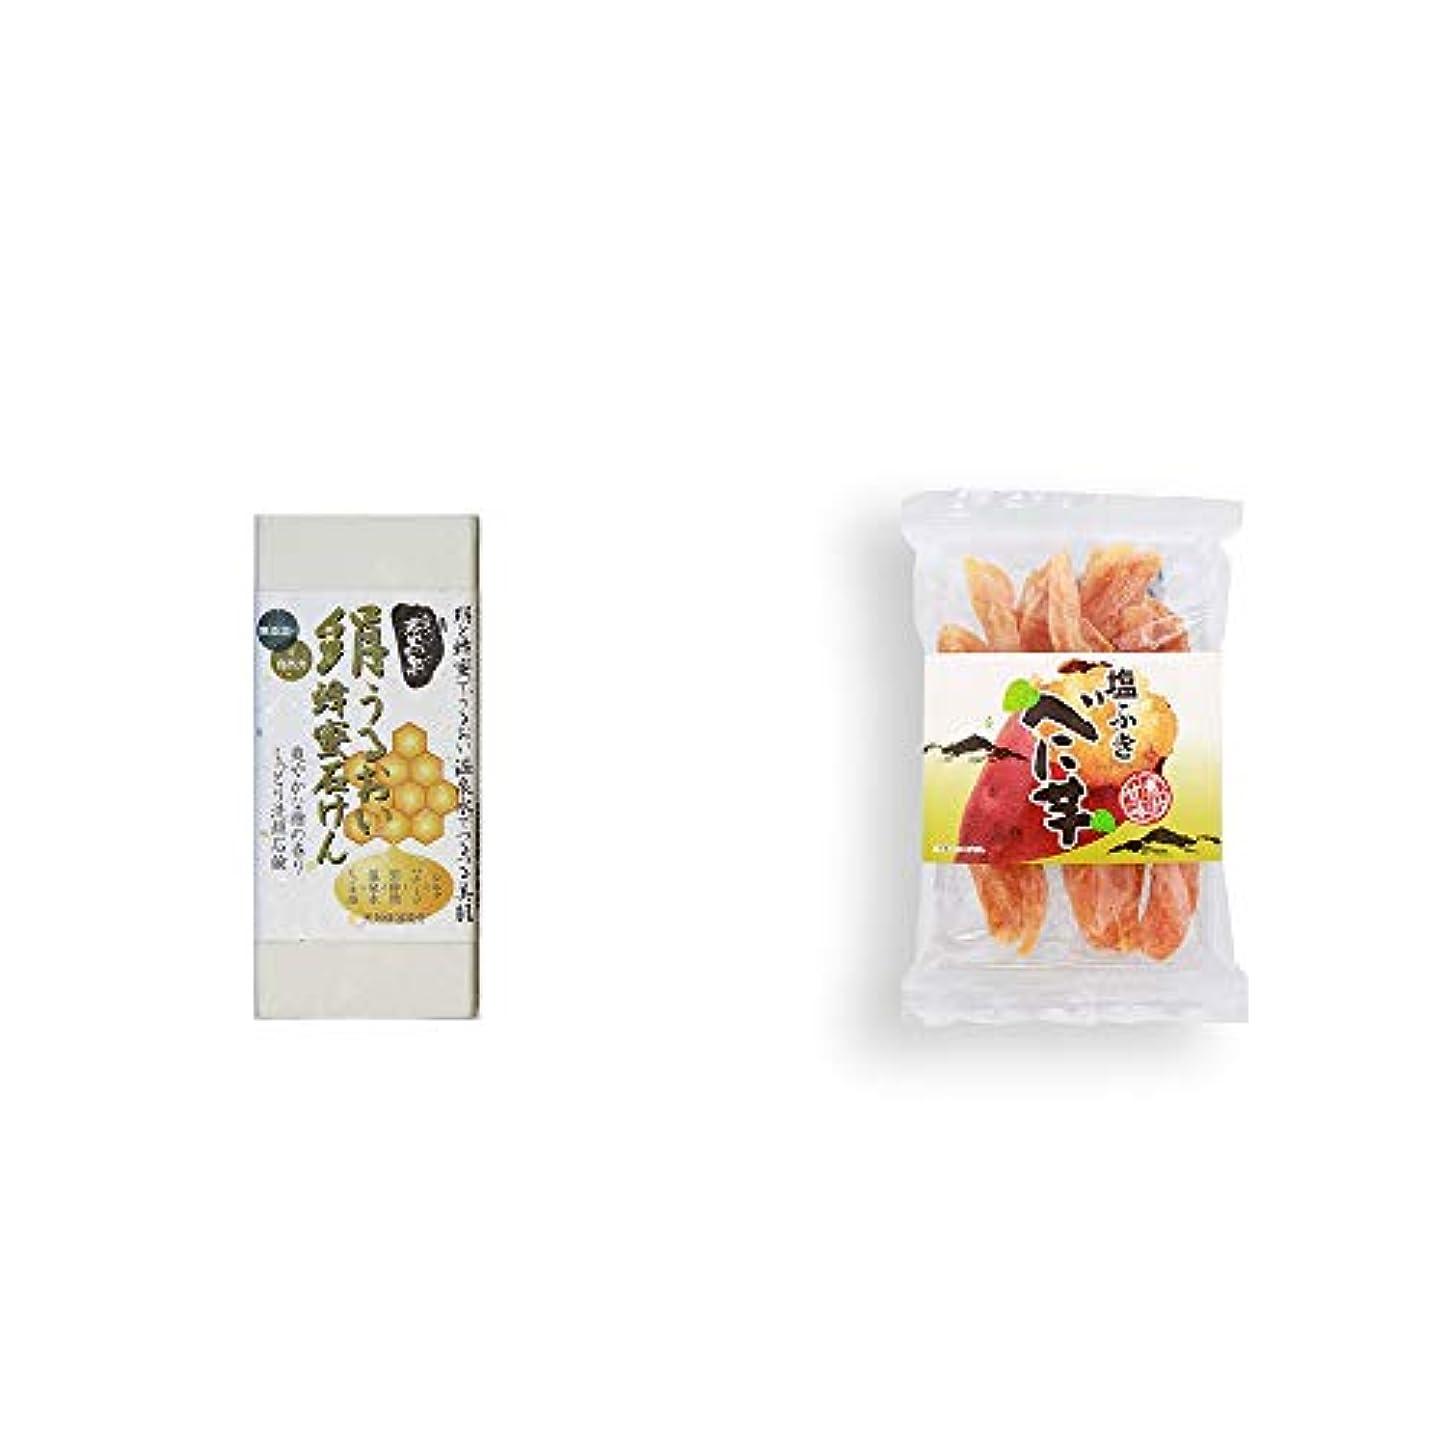 ドールエンゲージメント委任する[2点セット] ひのき炭黒泉 絹うるおい蜂蜜石けん(75g×2)?塩ふき べに芋(250g)